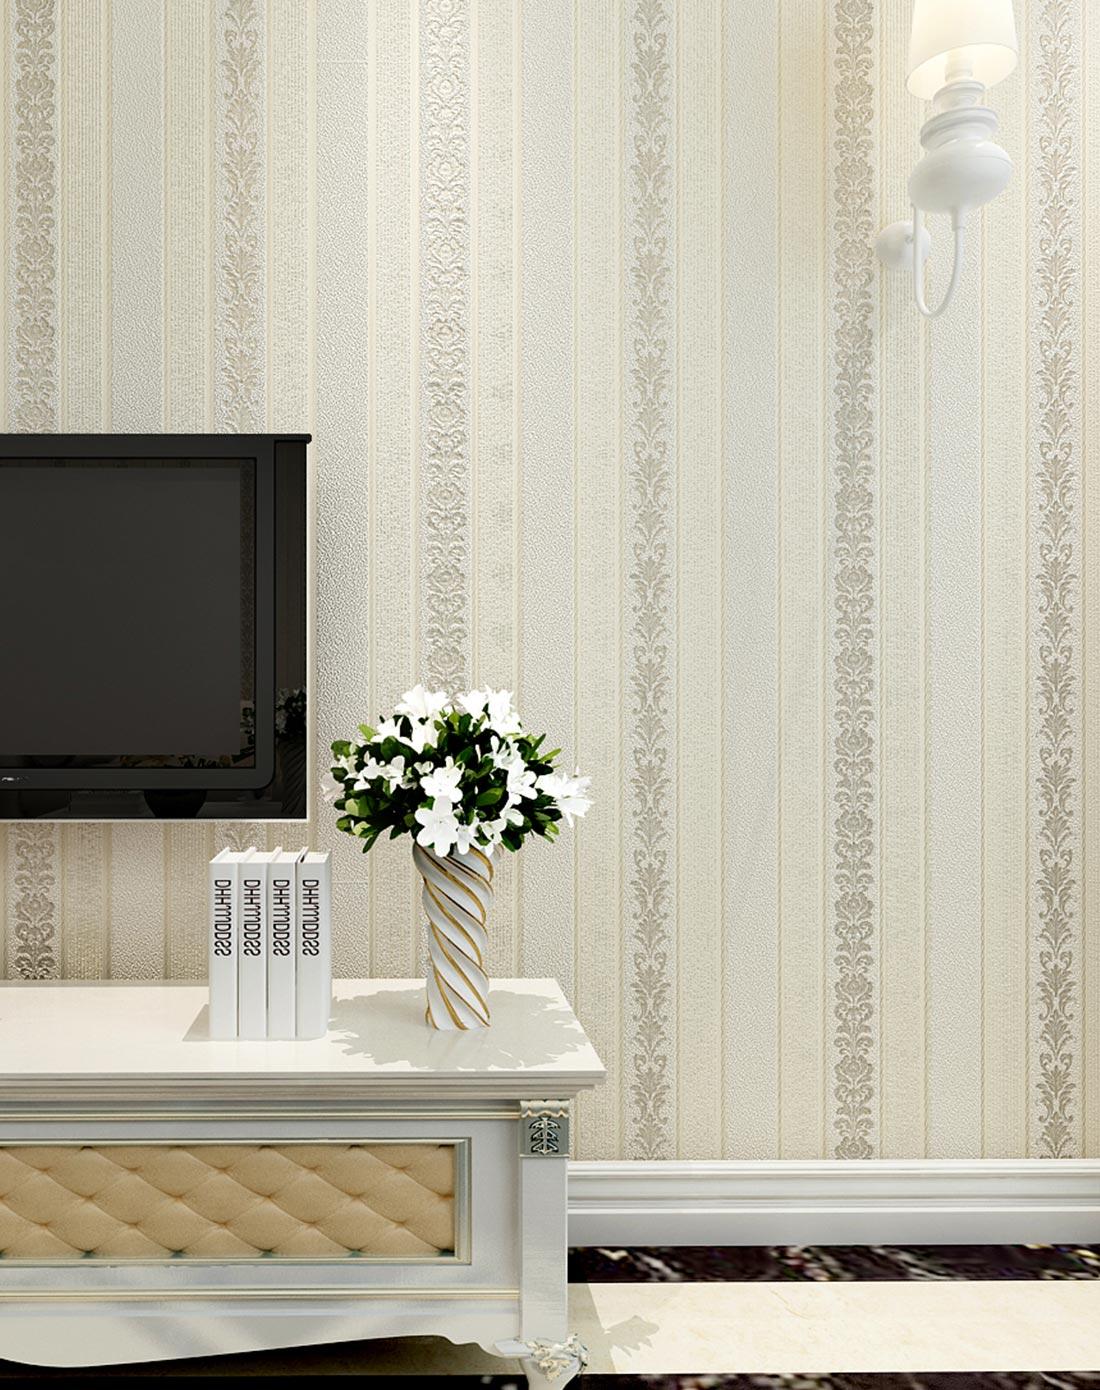 米素墙纸专场米白3d欧式竖条纹无纺布墙纸ms-20907